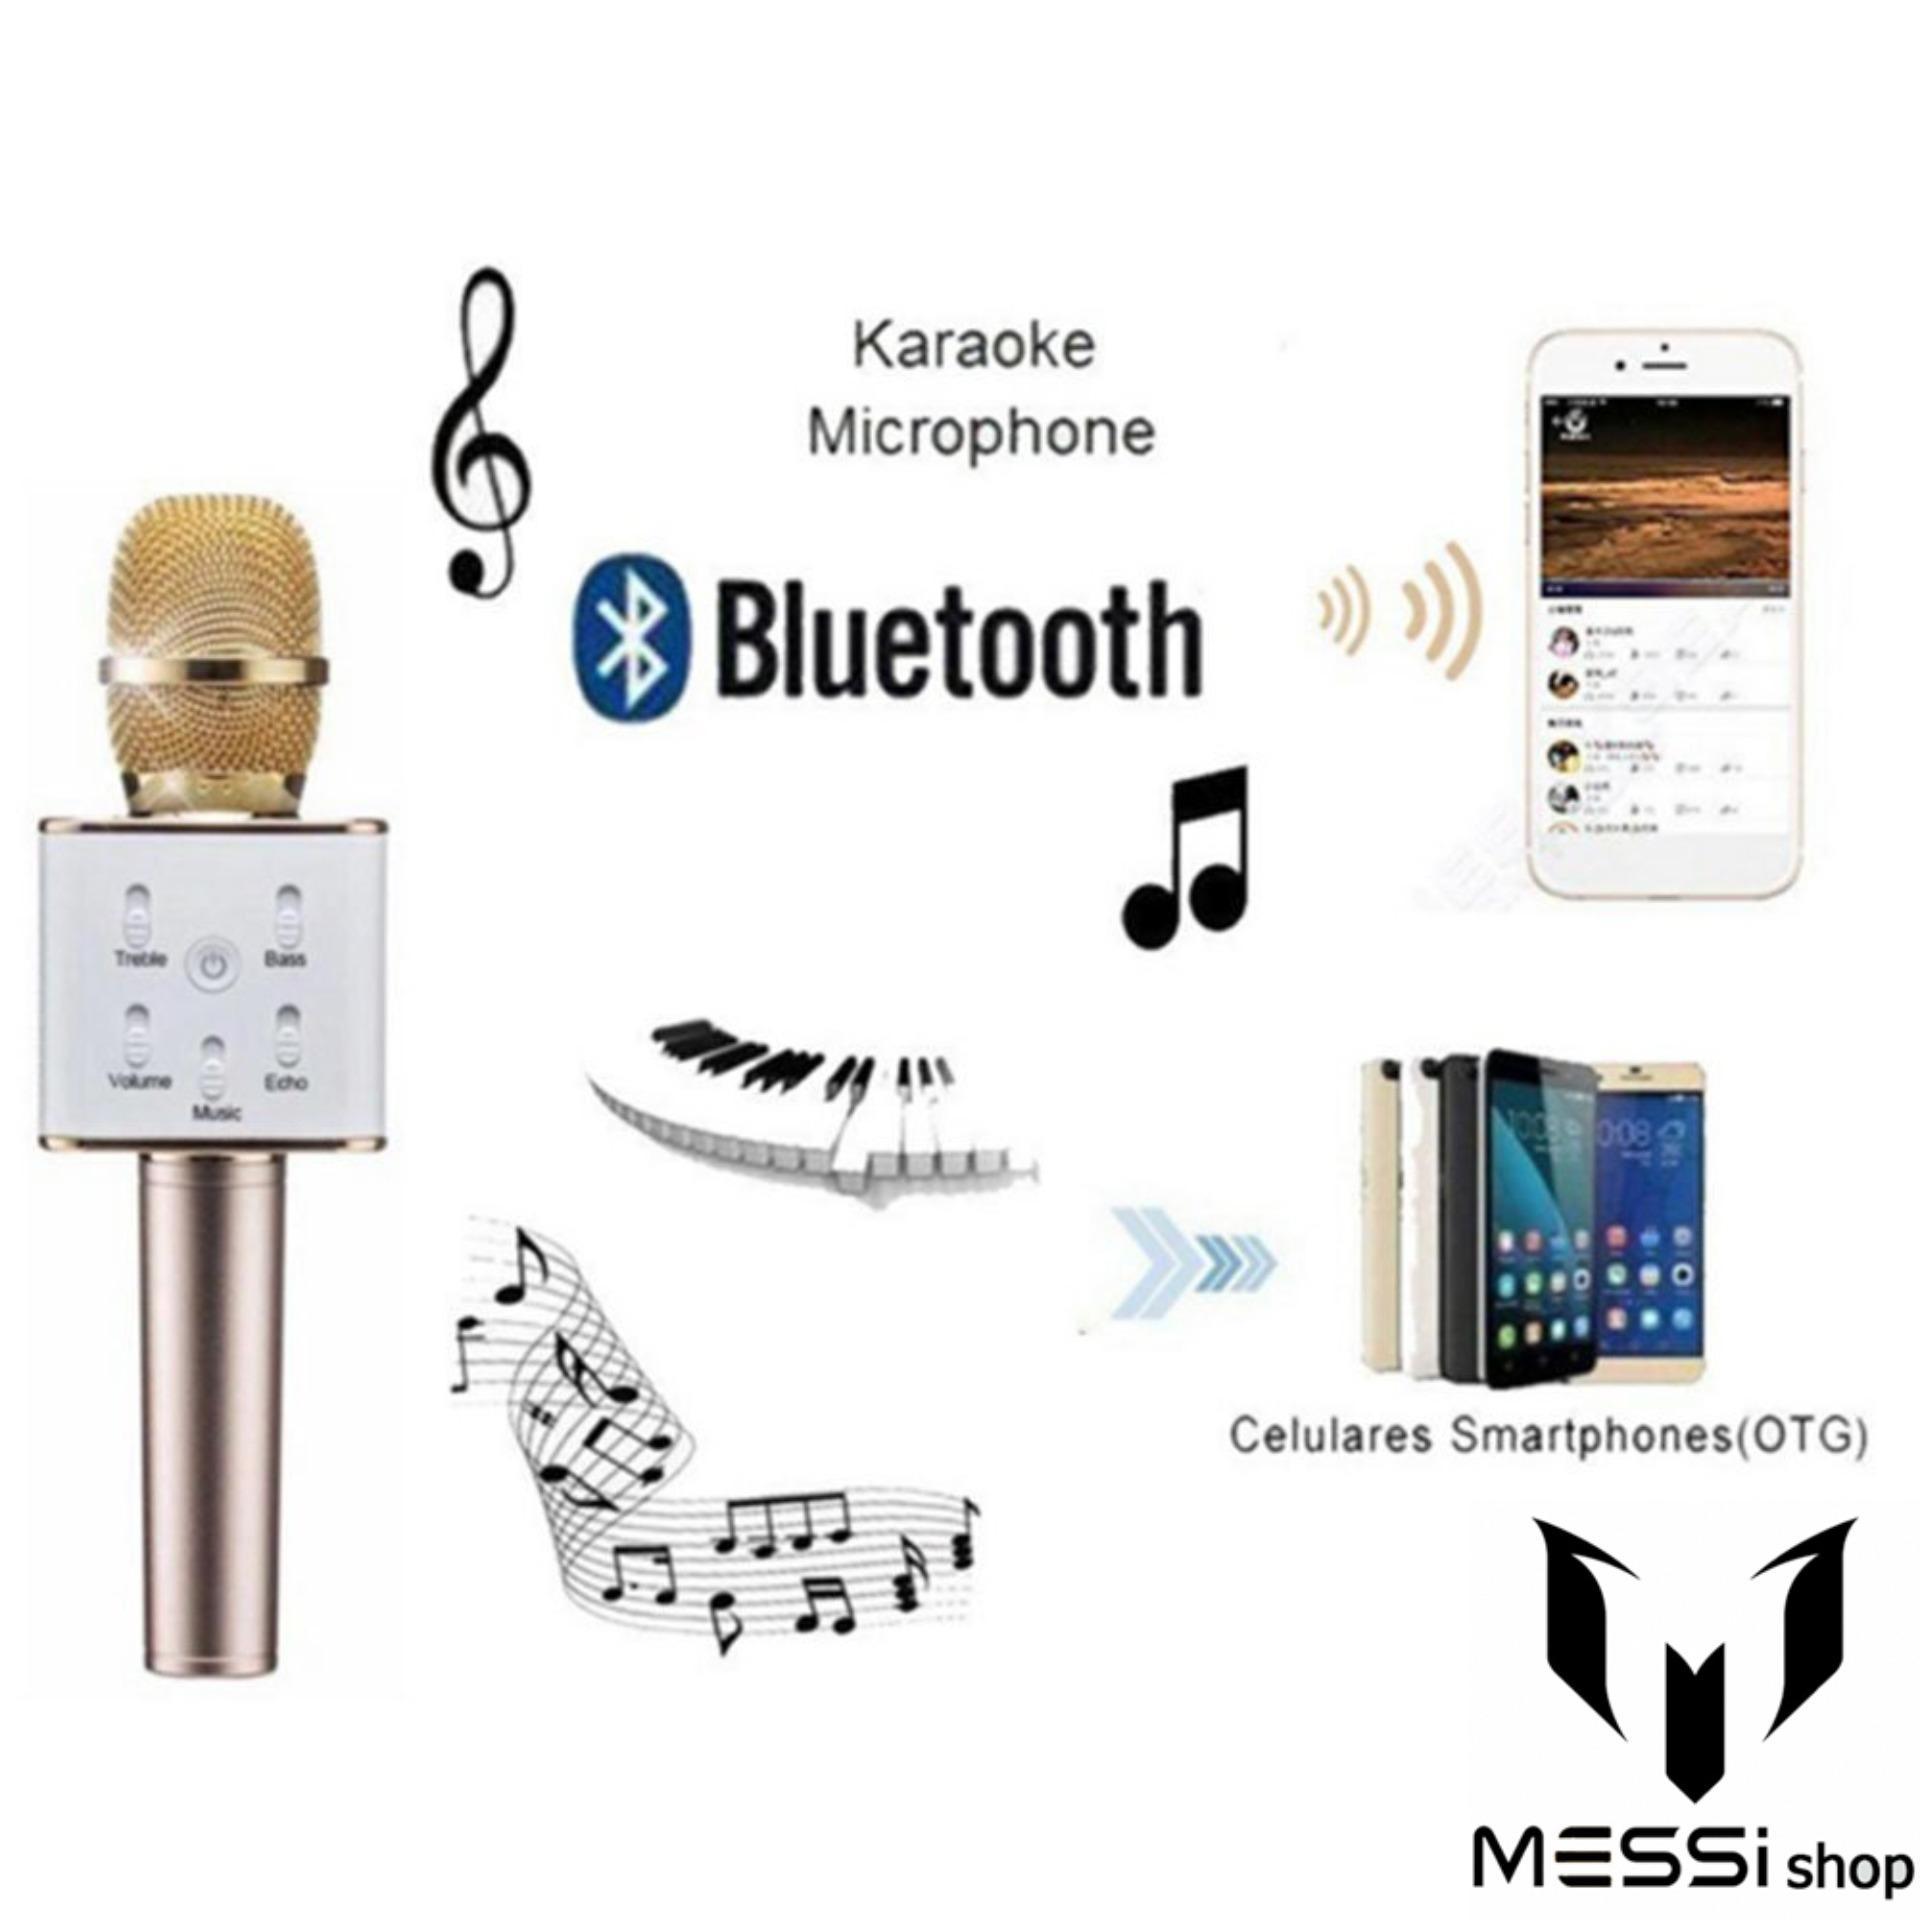 Micro không dây hát karaoke hay-Các loại micro hát karaoke-Mic karaoke Q7 cao cấp 3 trong 1 thế hệ mới năm 2019.Được mọi người lựa chọn nhiều trong năm nay-giảm tới 50%